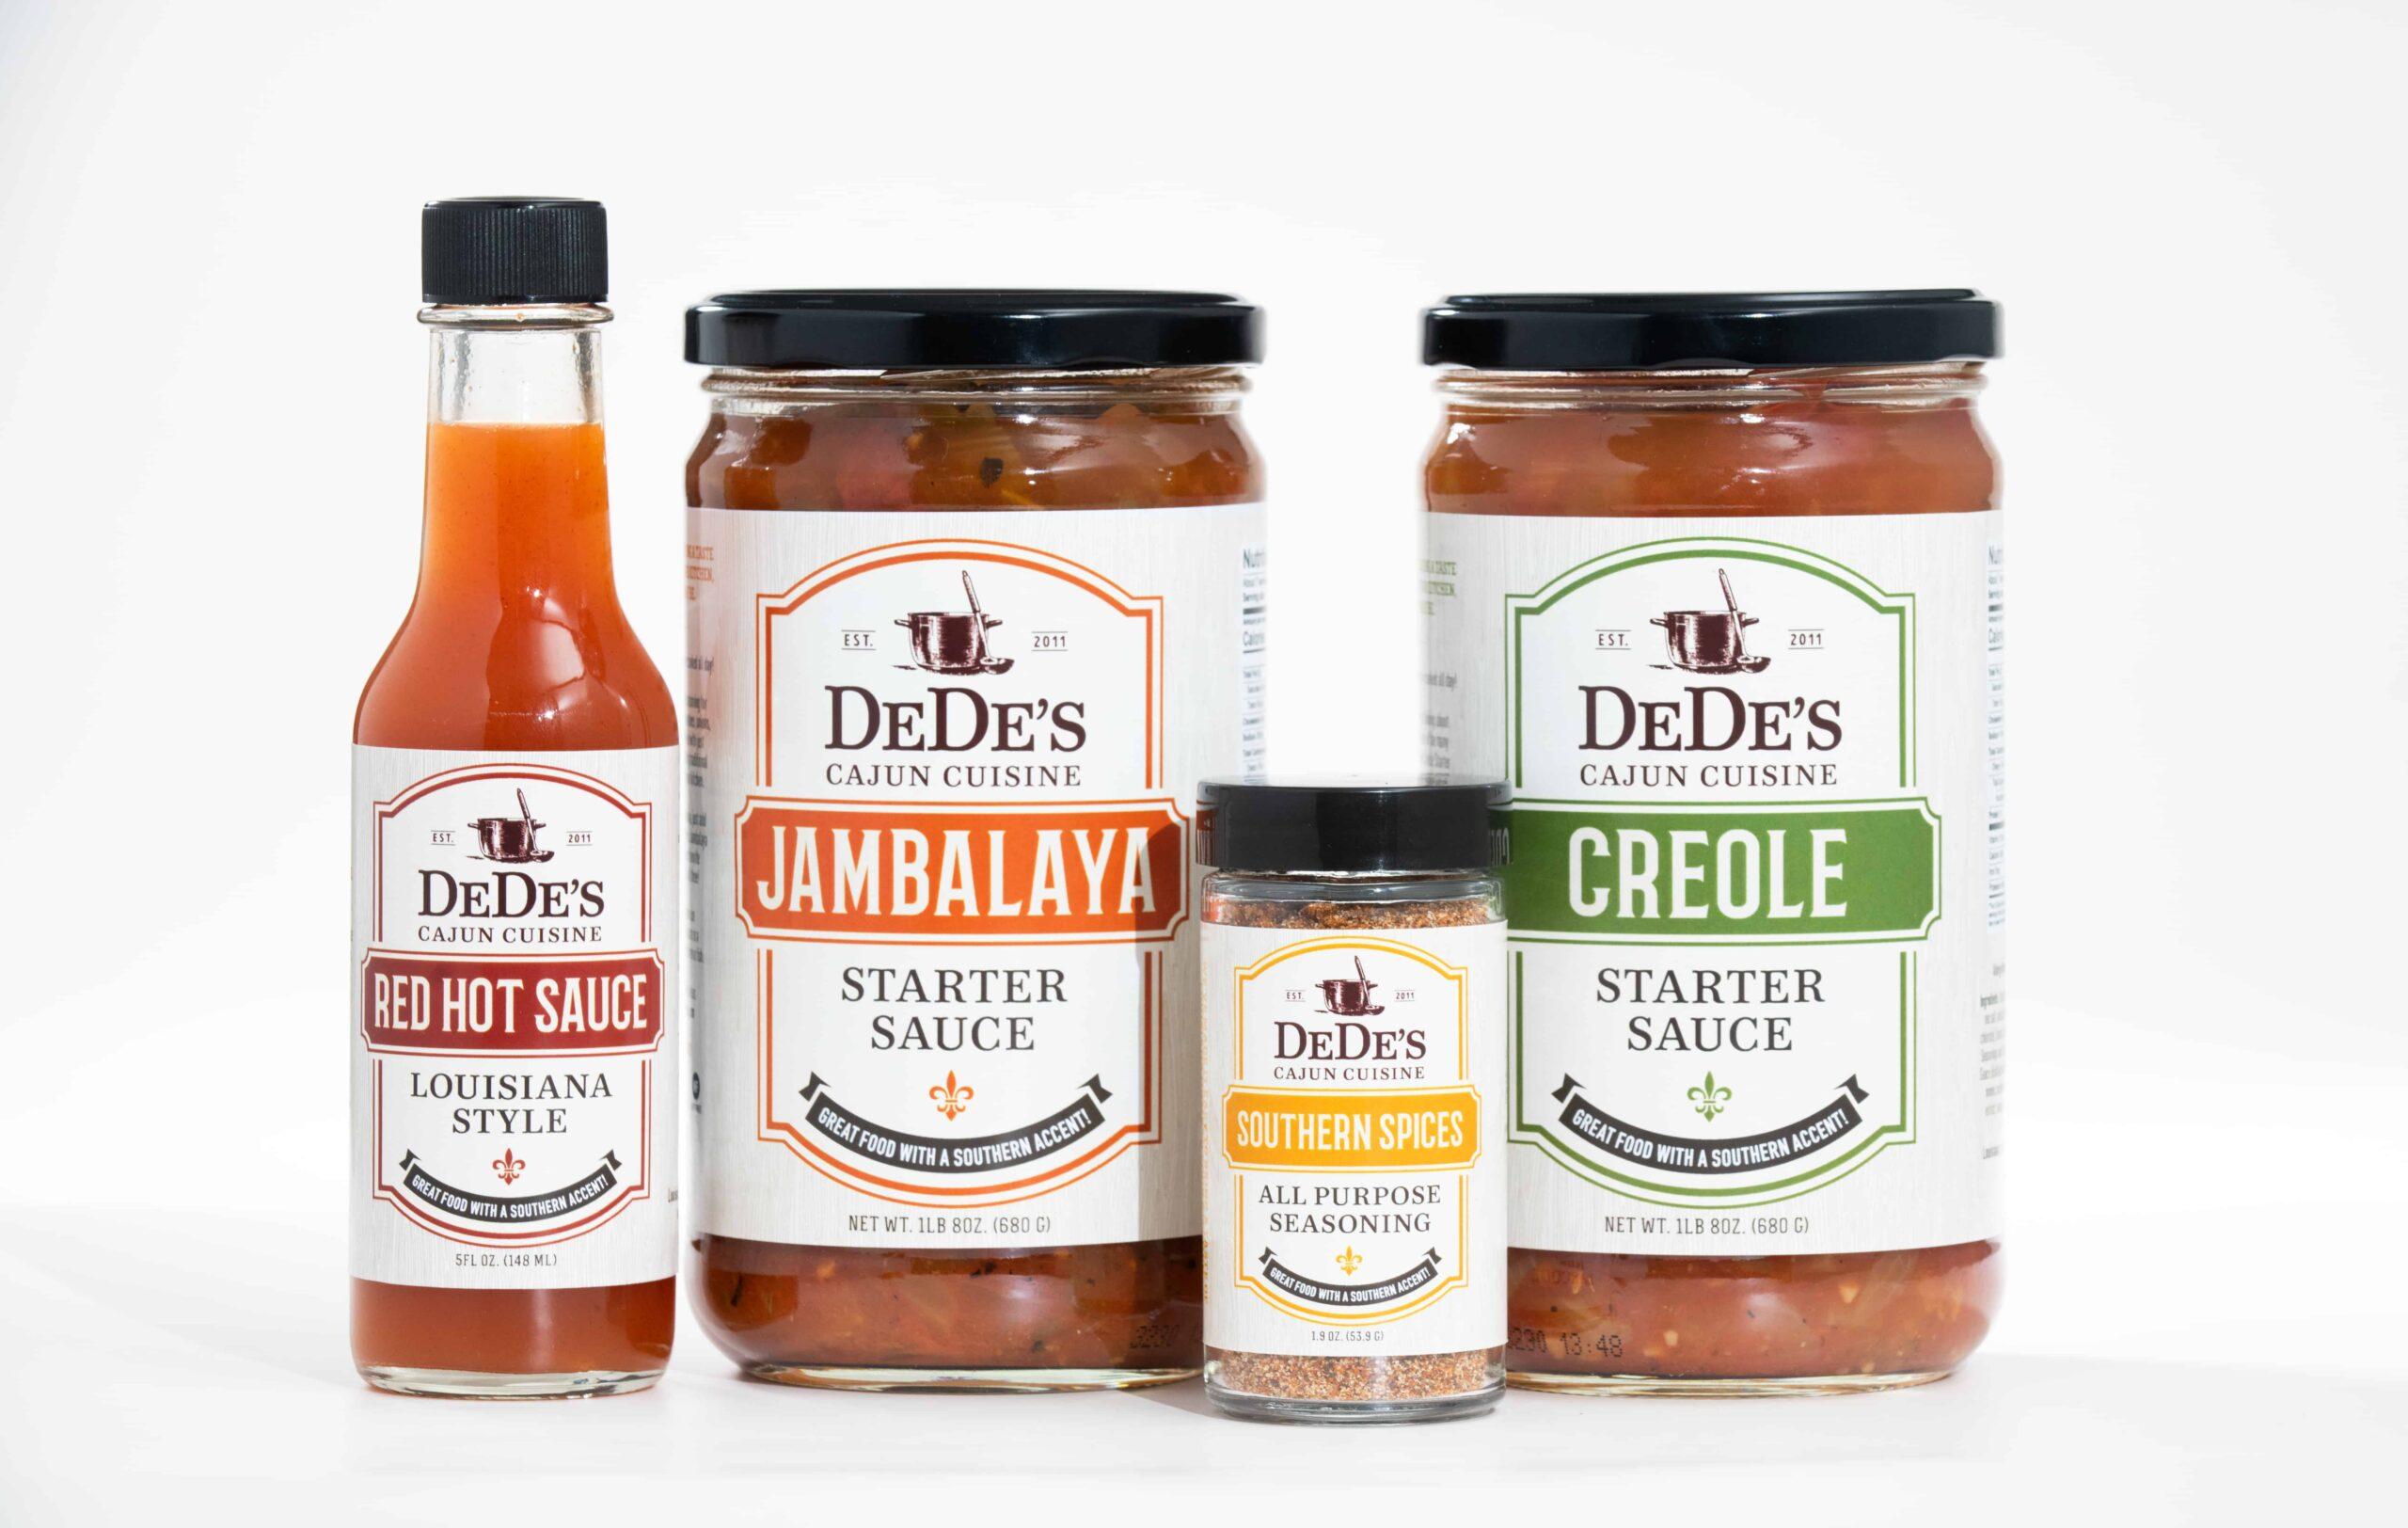 Dede's Cajun Cuisine to Exhibit at the 2020 Winter Fancy Food Show, Jan. 19-21